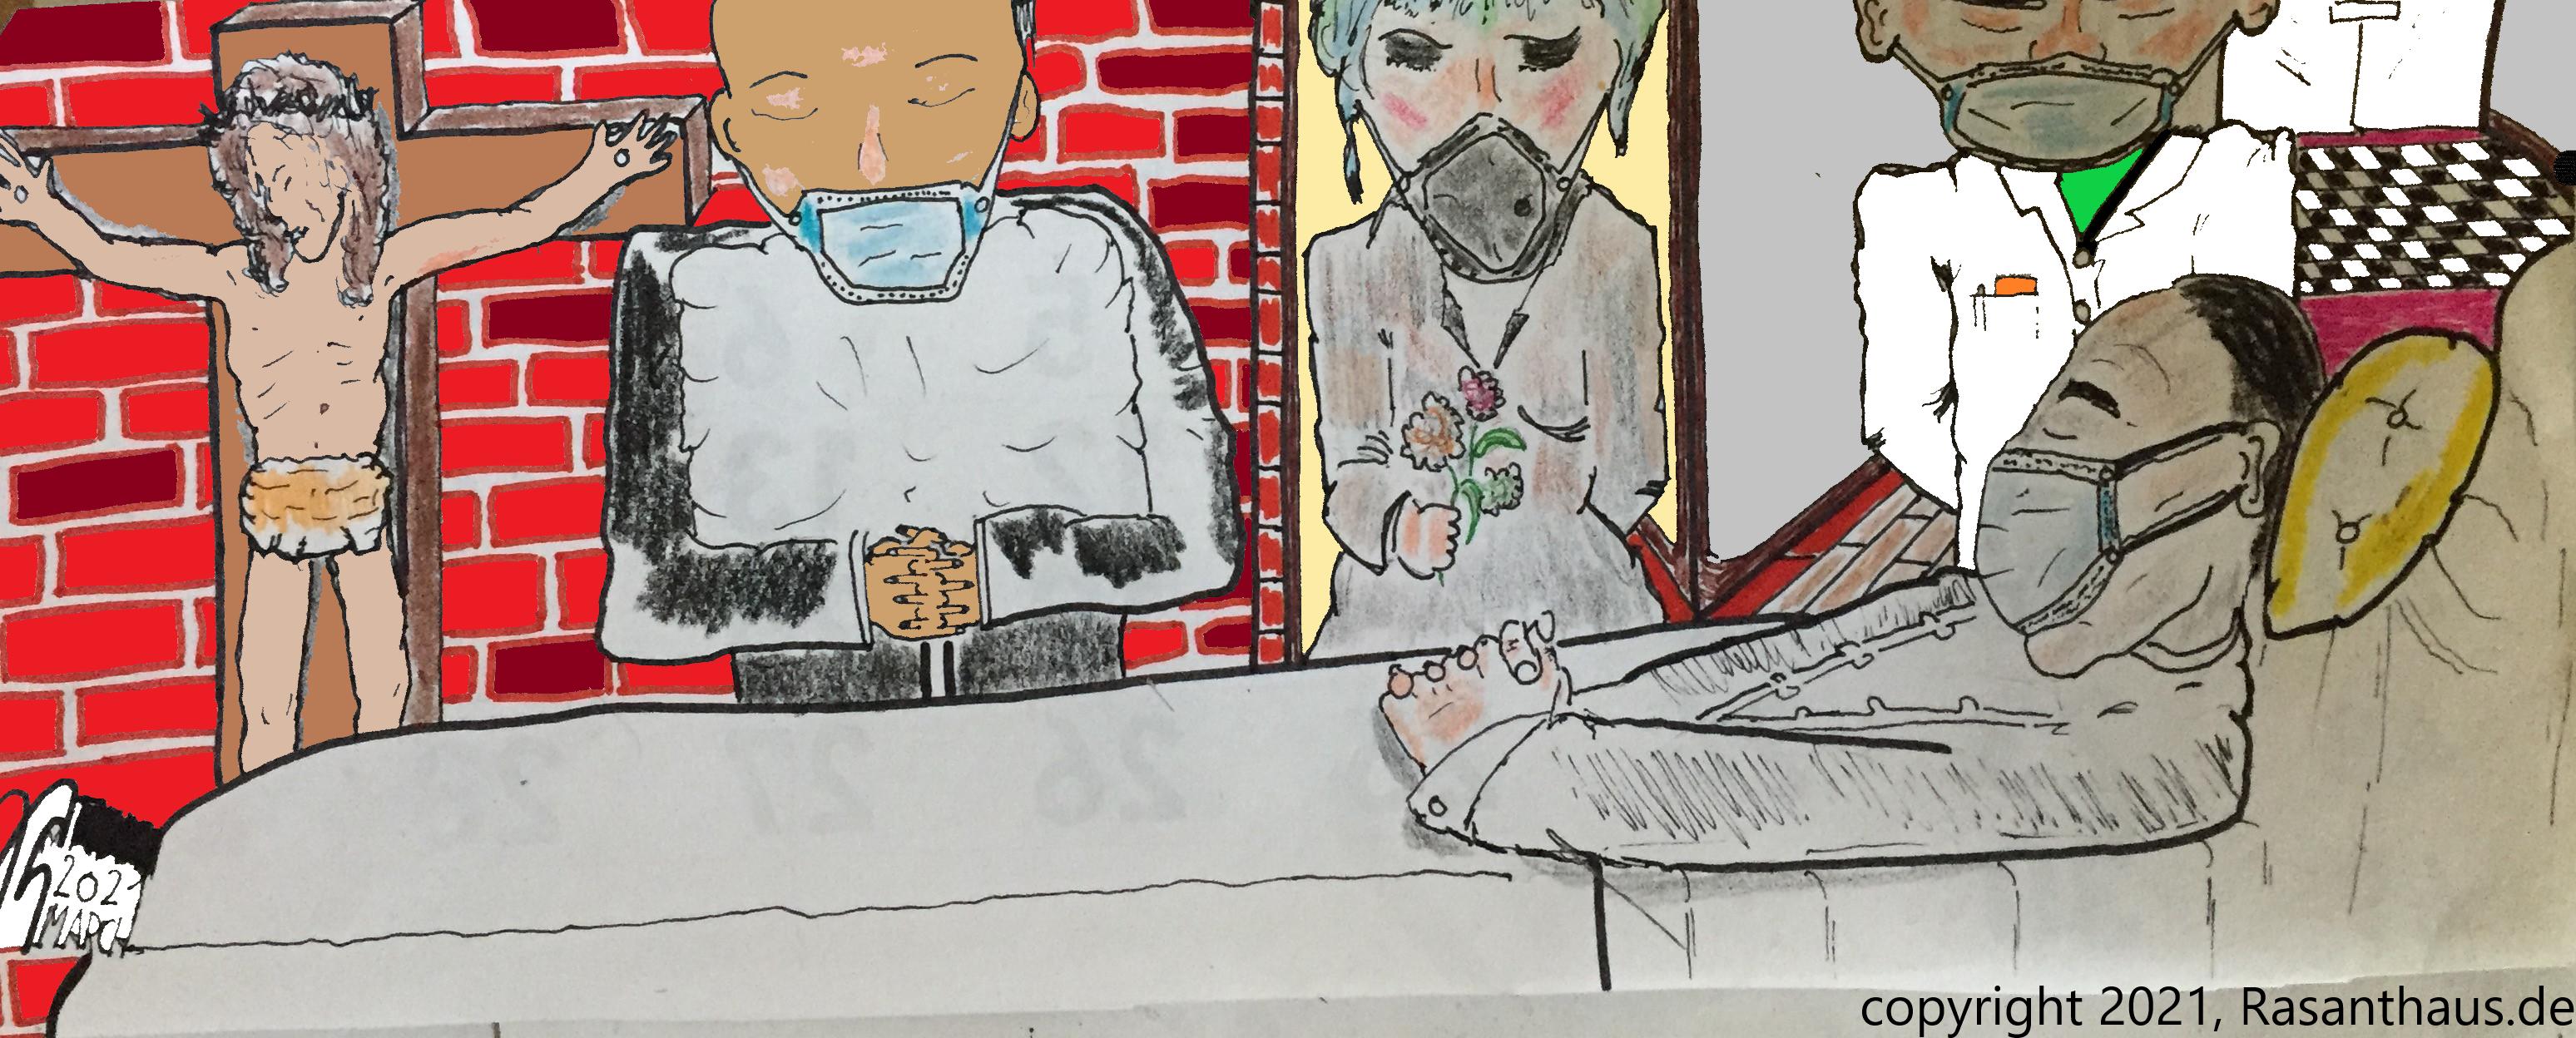 ein offener Sarg, ein männlicher ca. 50-jähriger Toter mitsamt Atemschutzmaske, verabschiedet von einem Mann, einer Frau, einen Mediziner. An der Wand hängt ein Kruzifix mit leidendem Jesu